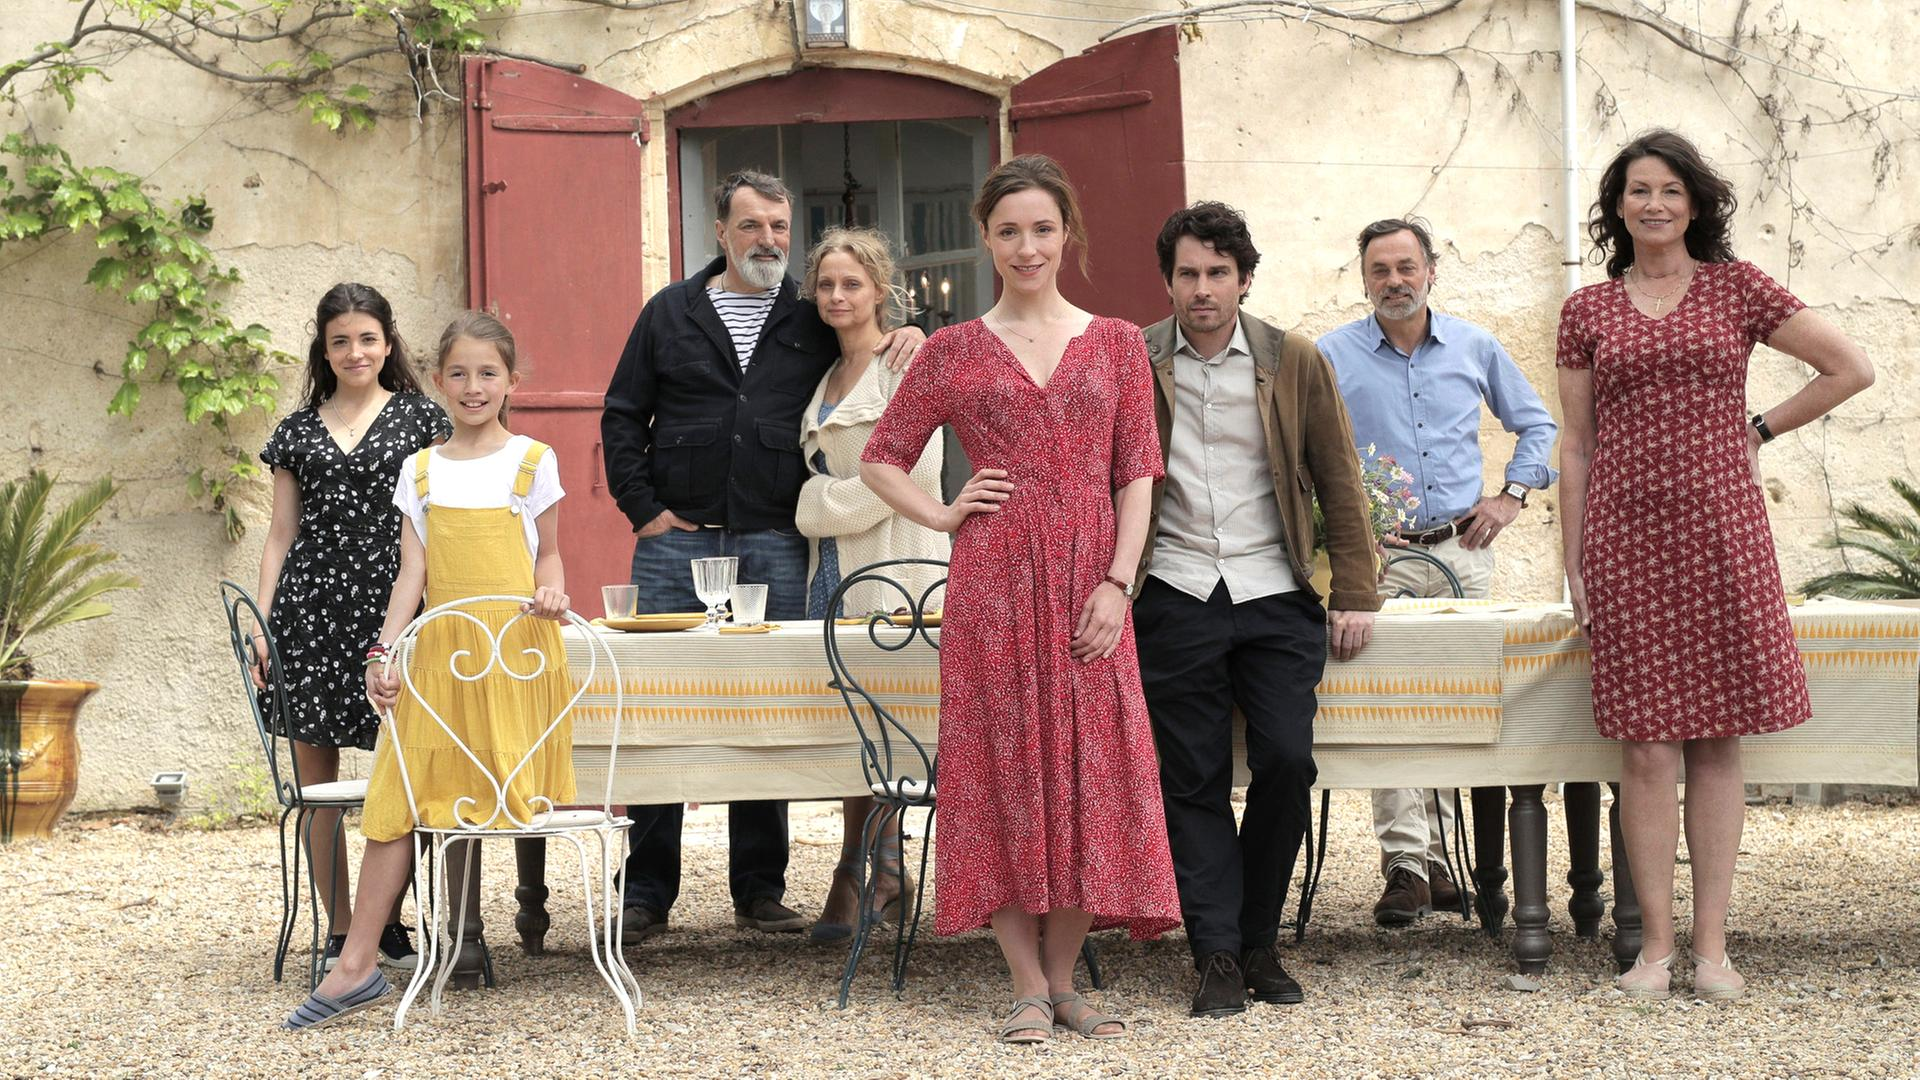 Ein Tisch in der Provence: Ärztin wider Willen ZDFmediathek